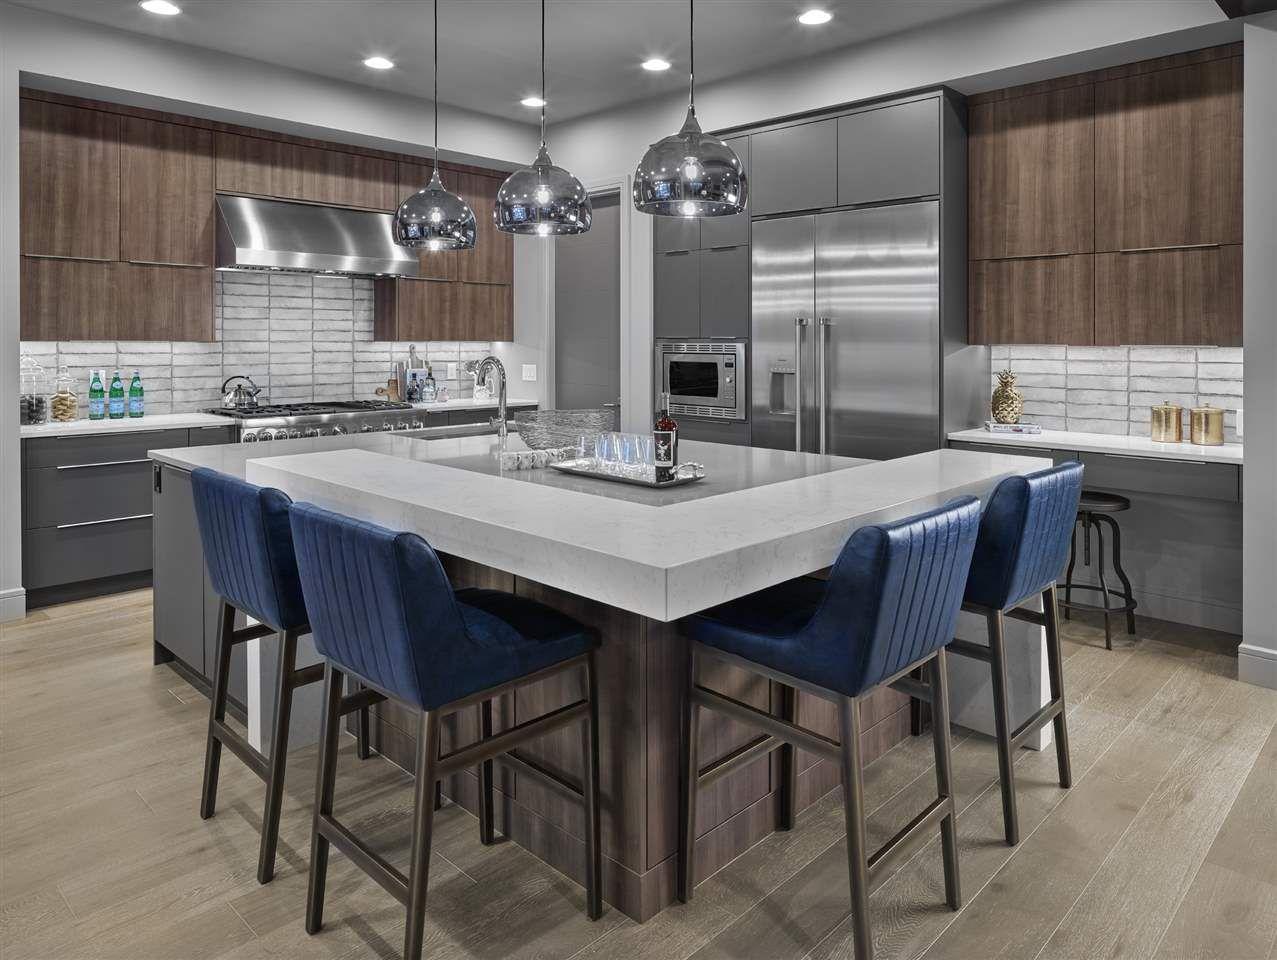 Main Photo: 2789 WHEATON Drive in Edmonton: Zone 56 House for sale : MLS®# E4132192